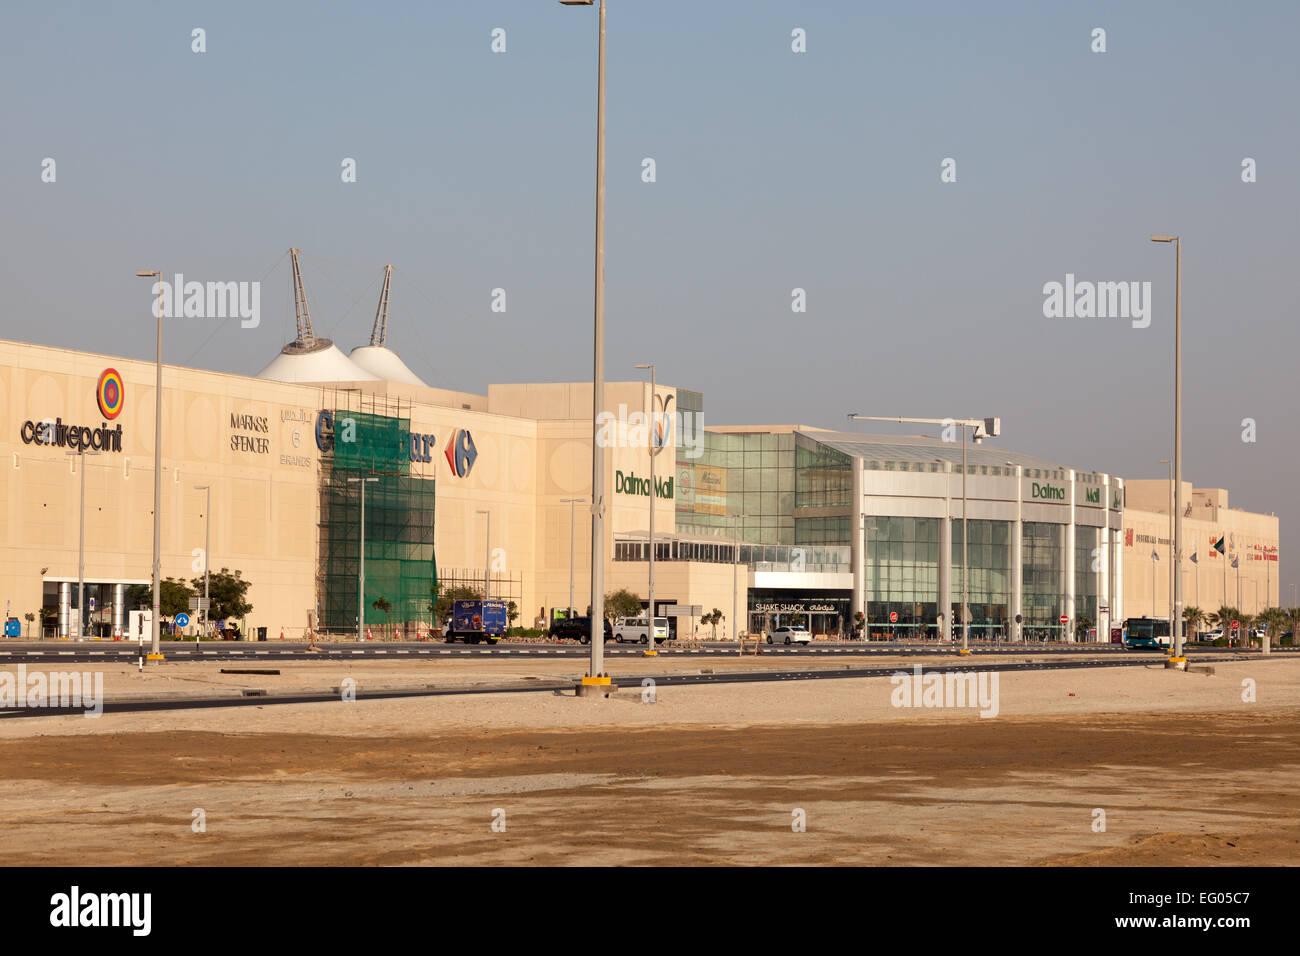 Airport Road Carrefour Abu Dhabi